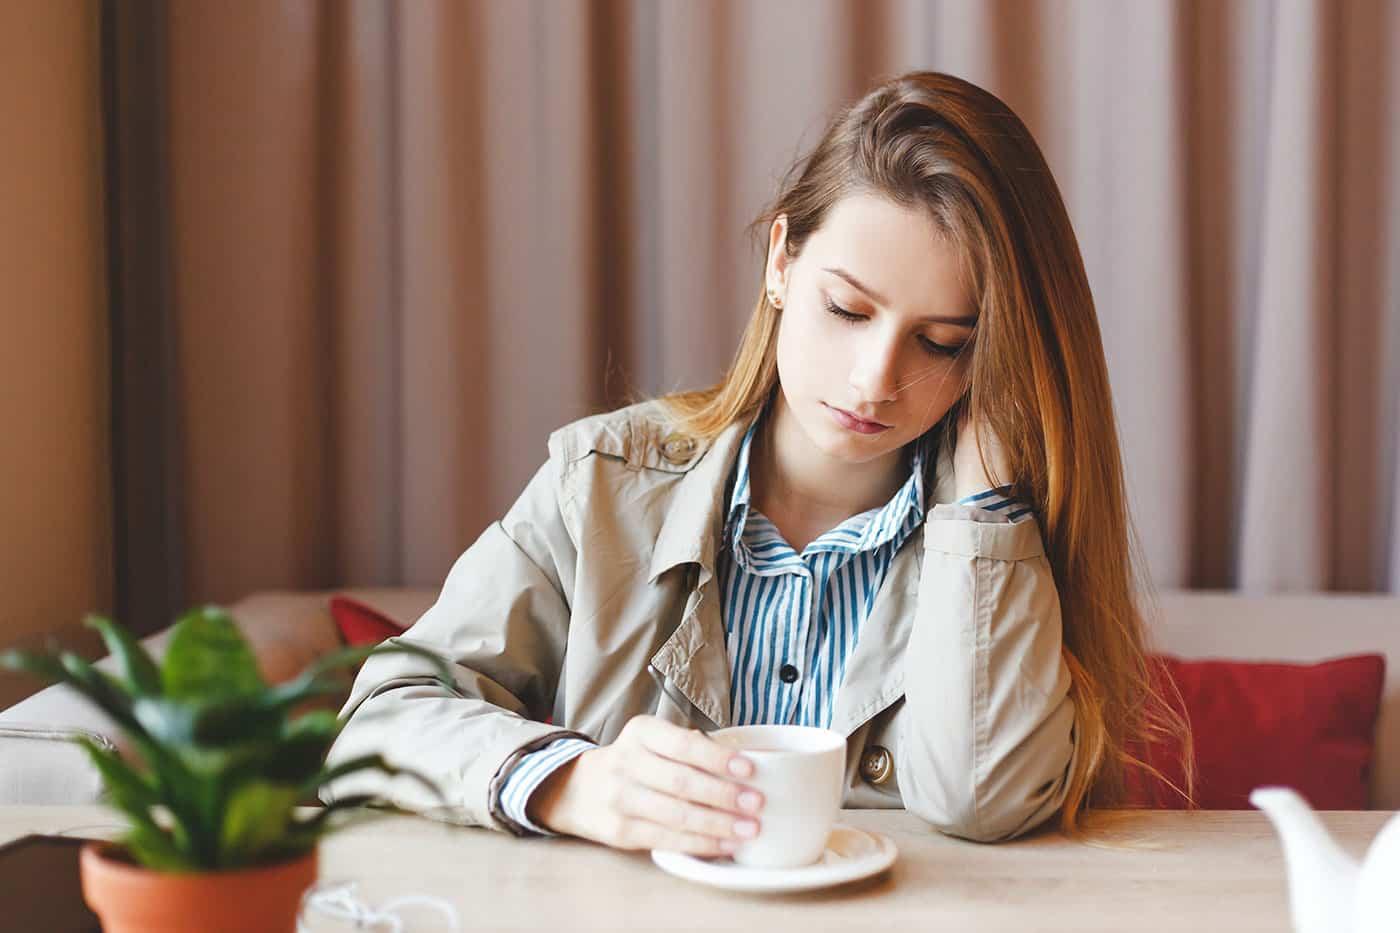 La ansiedad es incapacitante: descubre sus trastornos